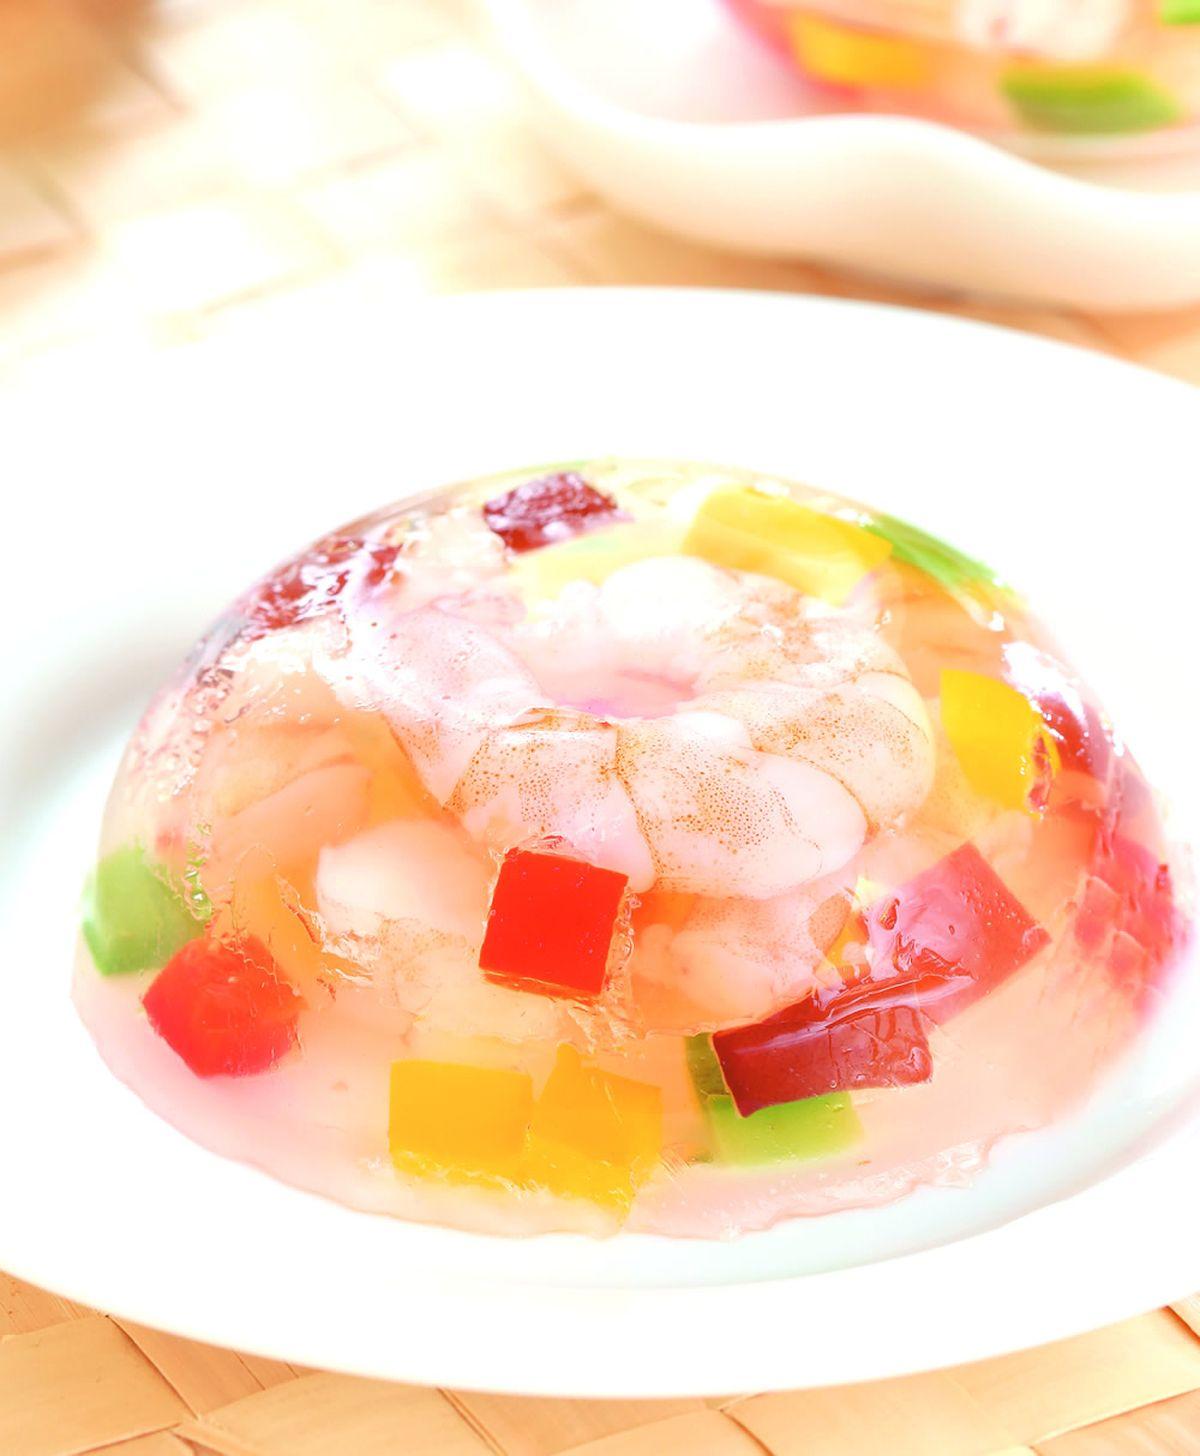 食譜:鮭魚米飯煎餅